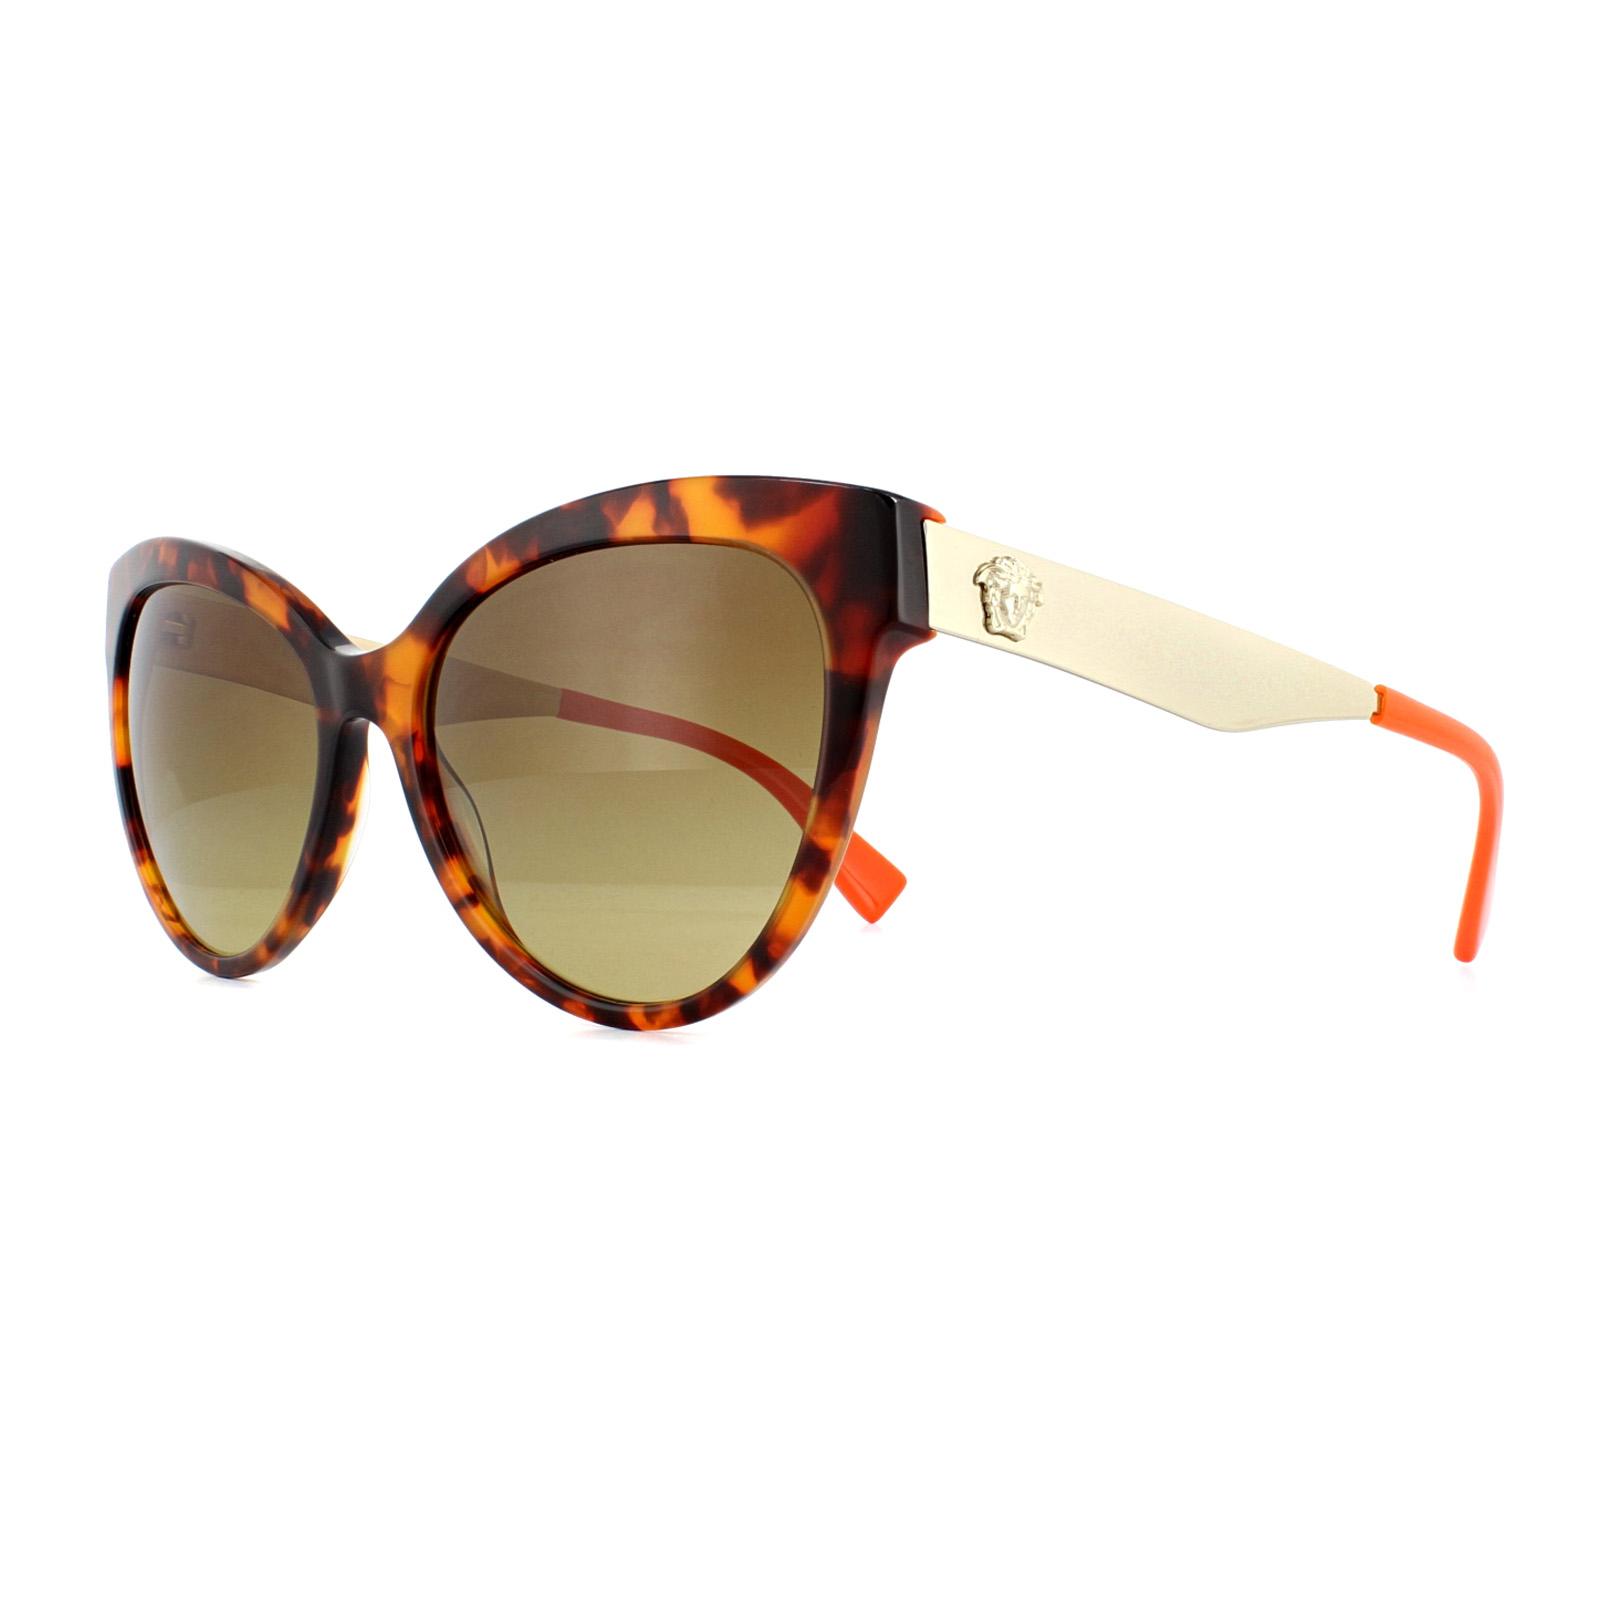 3f3fbfeb123 Versace Sunglasses VE4338 524413 Havana Brown Gradient 8053672754711 ...